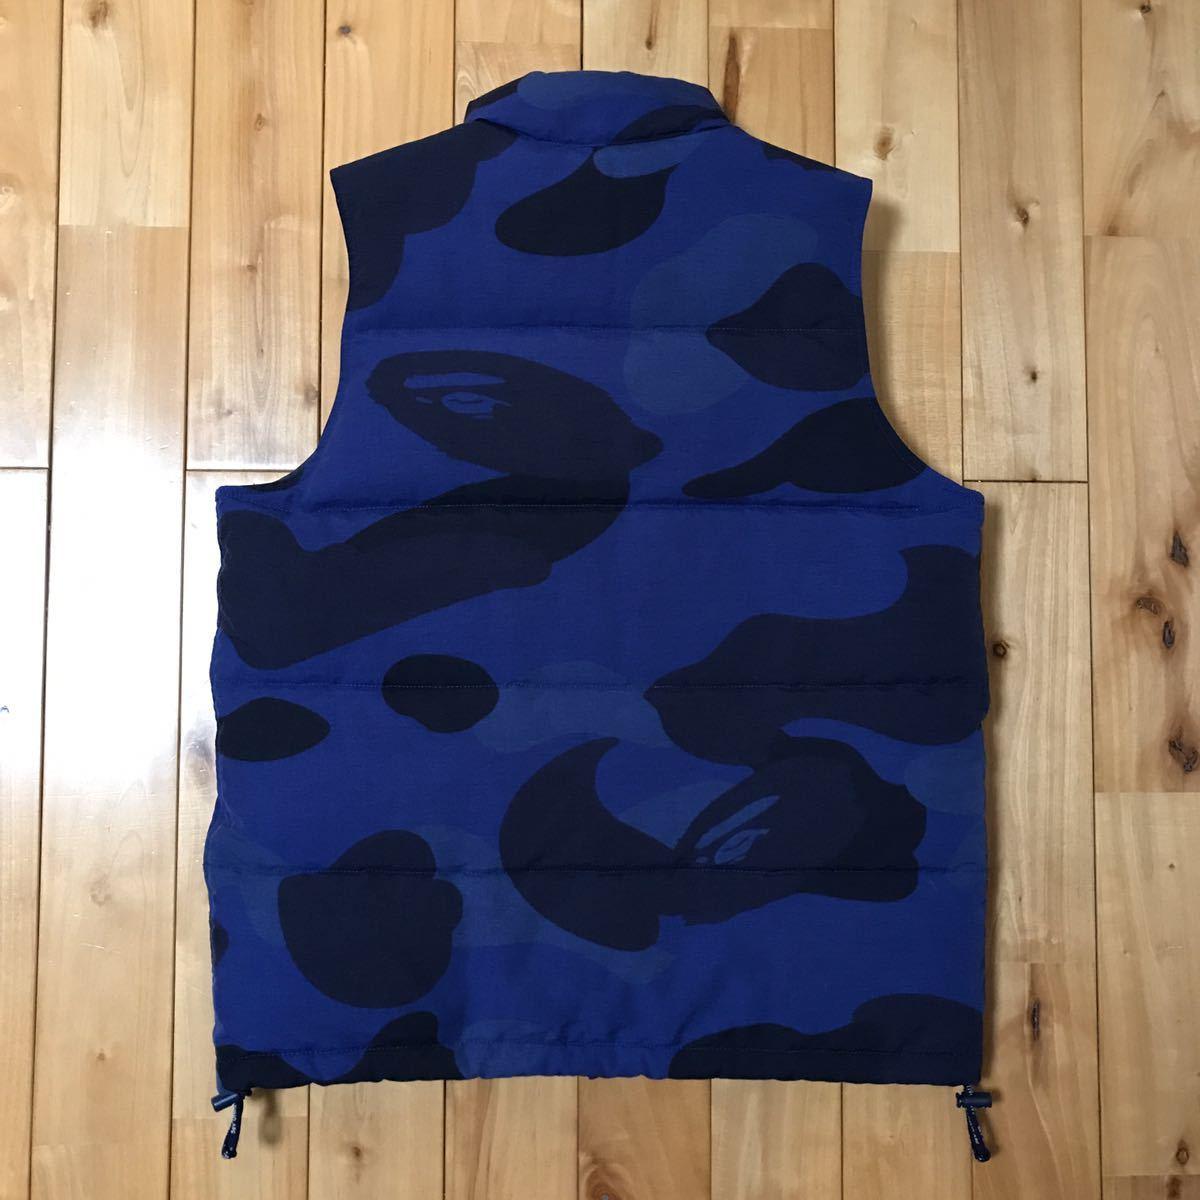 ダウンベスト giant camo blue Mサイズ a bathing ape BAPE エイプ ベイプ アベイシングエイプ zoom down vest ブルーカモ 青 迷彩 154